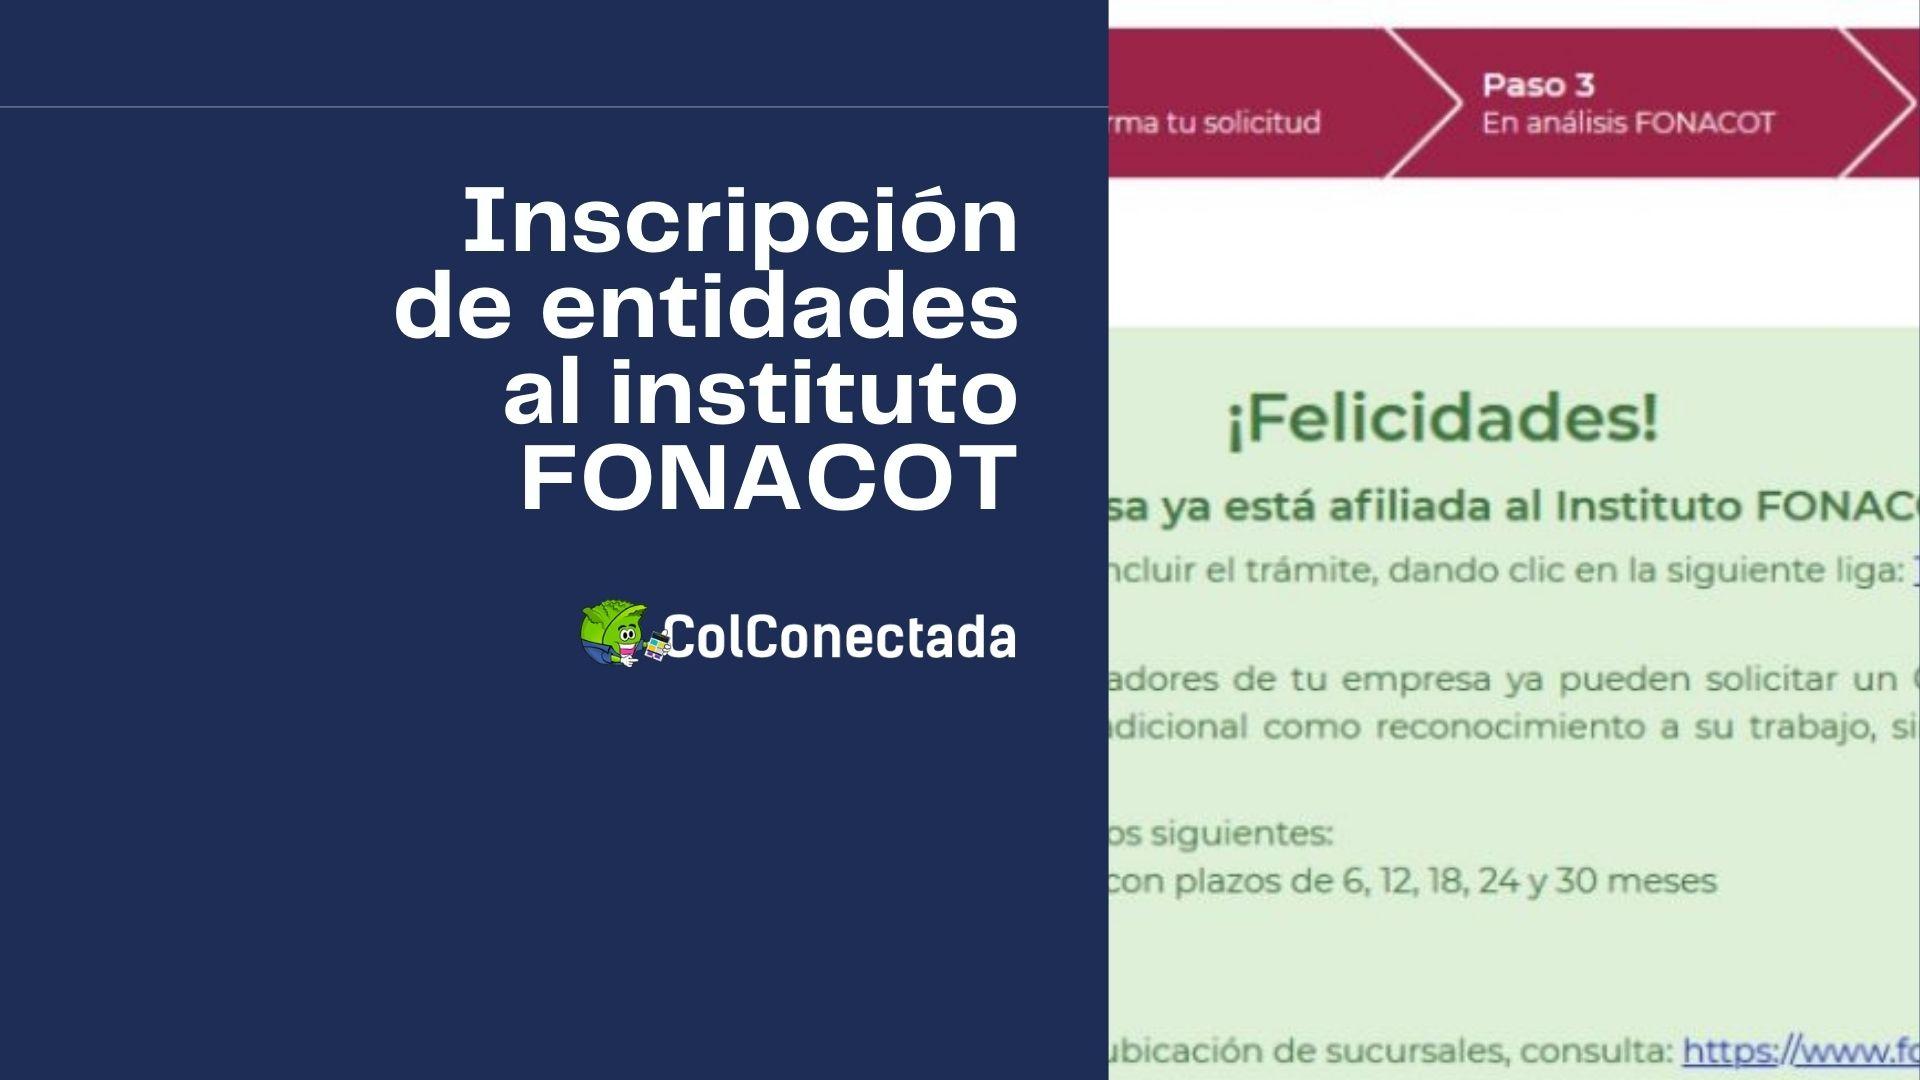 Pasos para gestionar la inscripción de entidades al INFONACOT 2